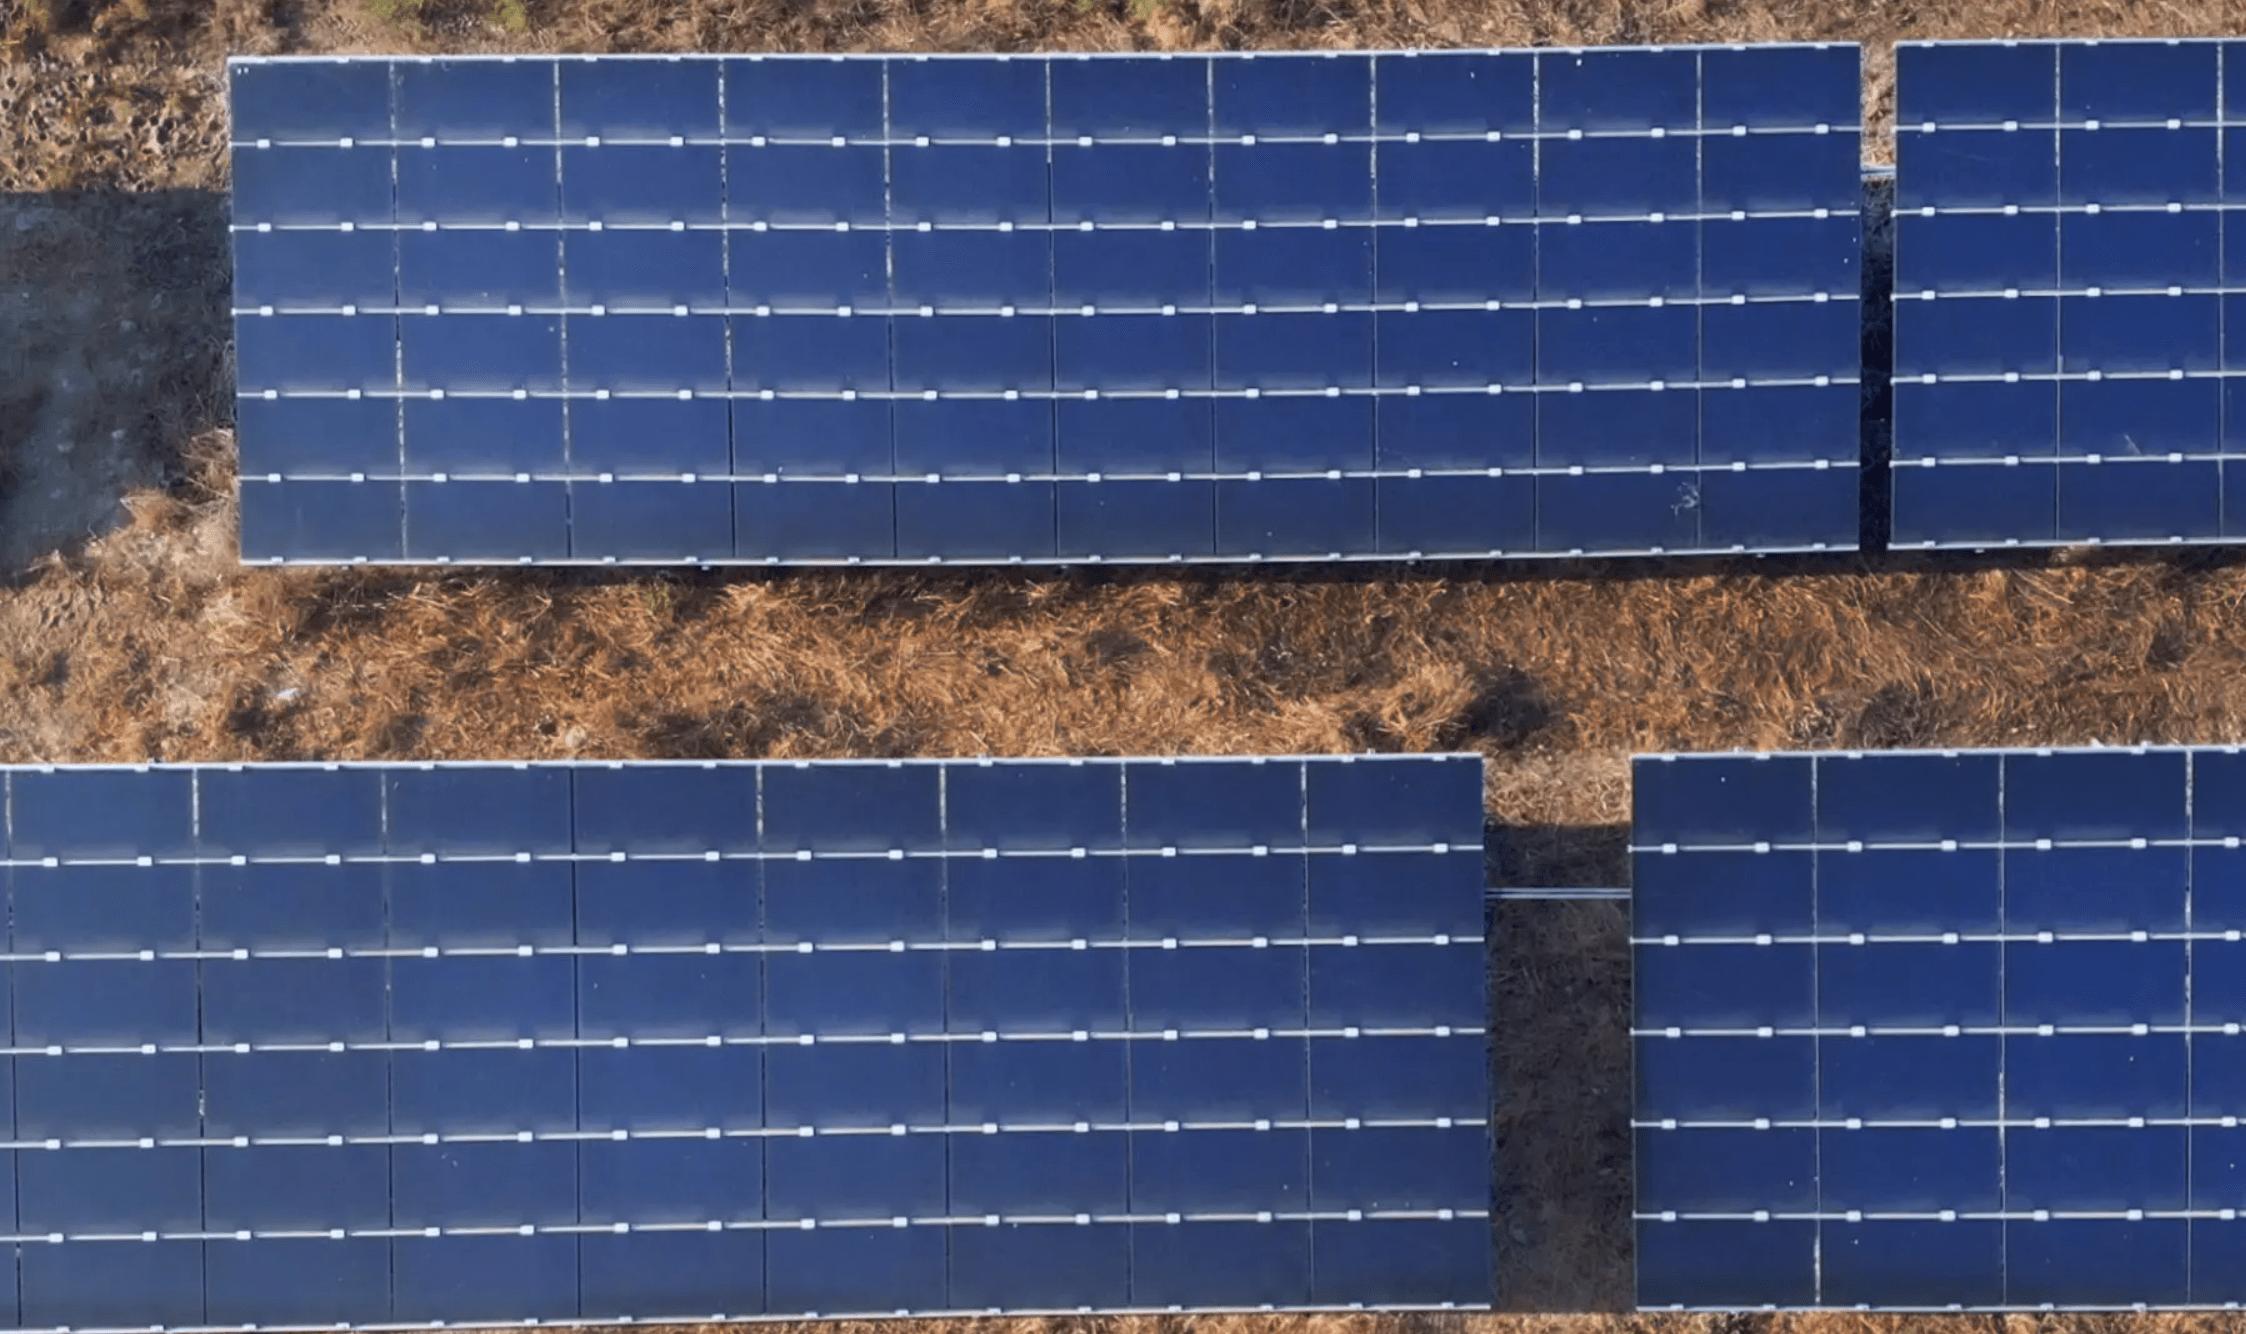 Индийский штат объявляет тендер на получение солнечной энергии для сельскохозяйственных потребителей